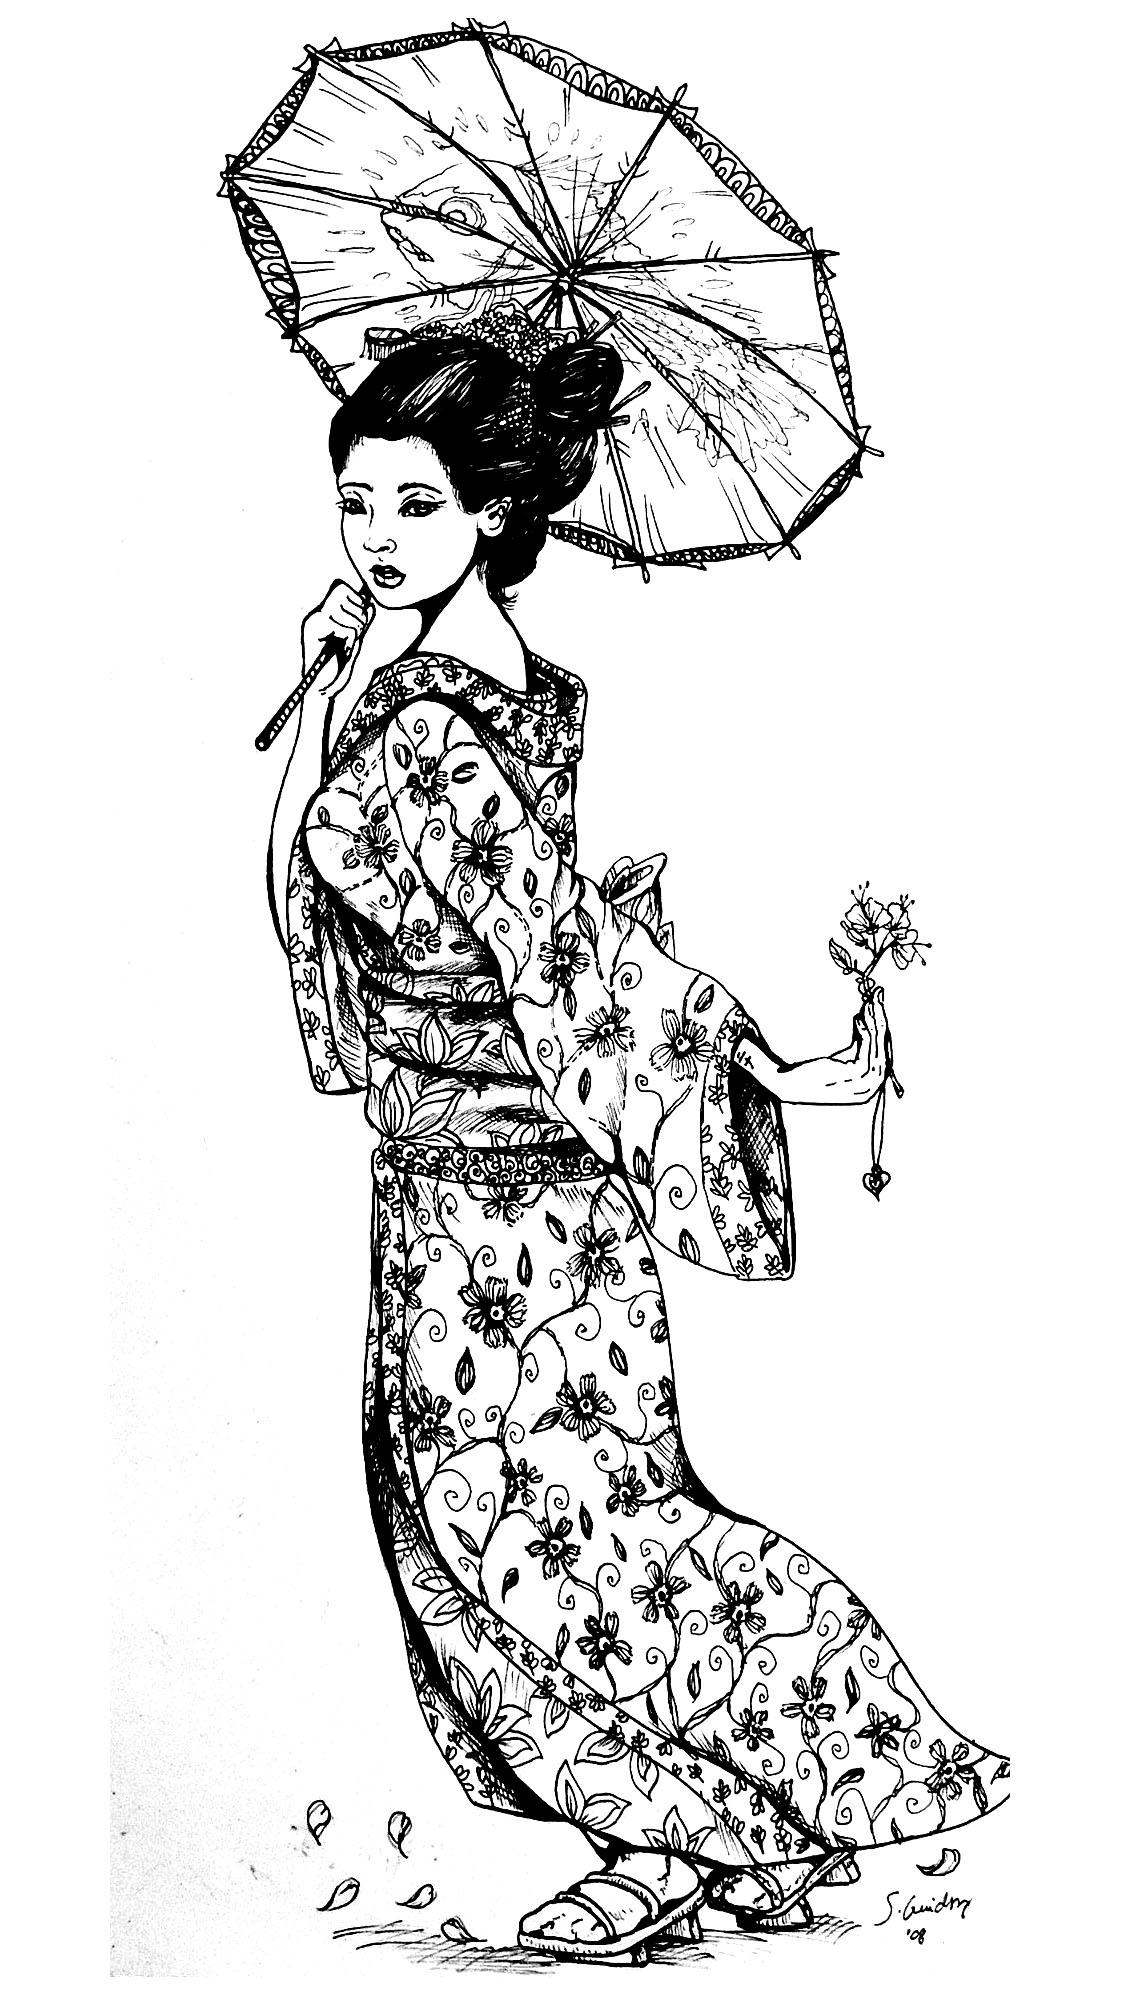 geisha japonaise tatouage japon coloriages difficiles pour adultes. Black Bedroom Furniture Sets. Home Design Ideas